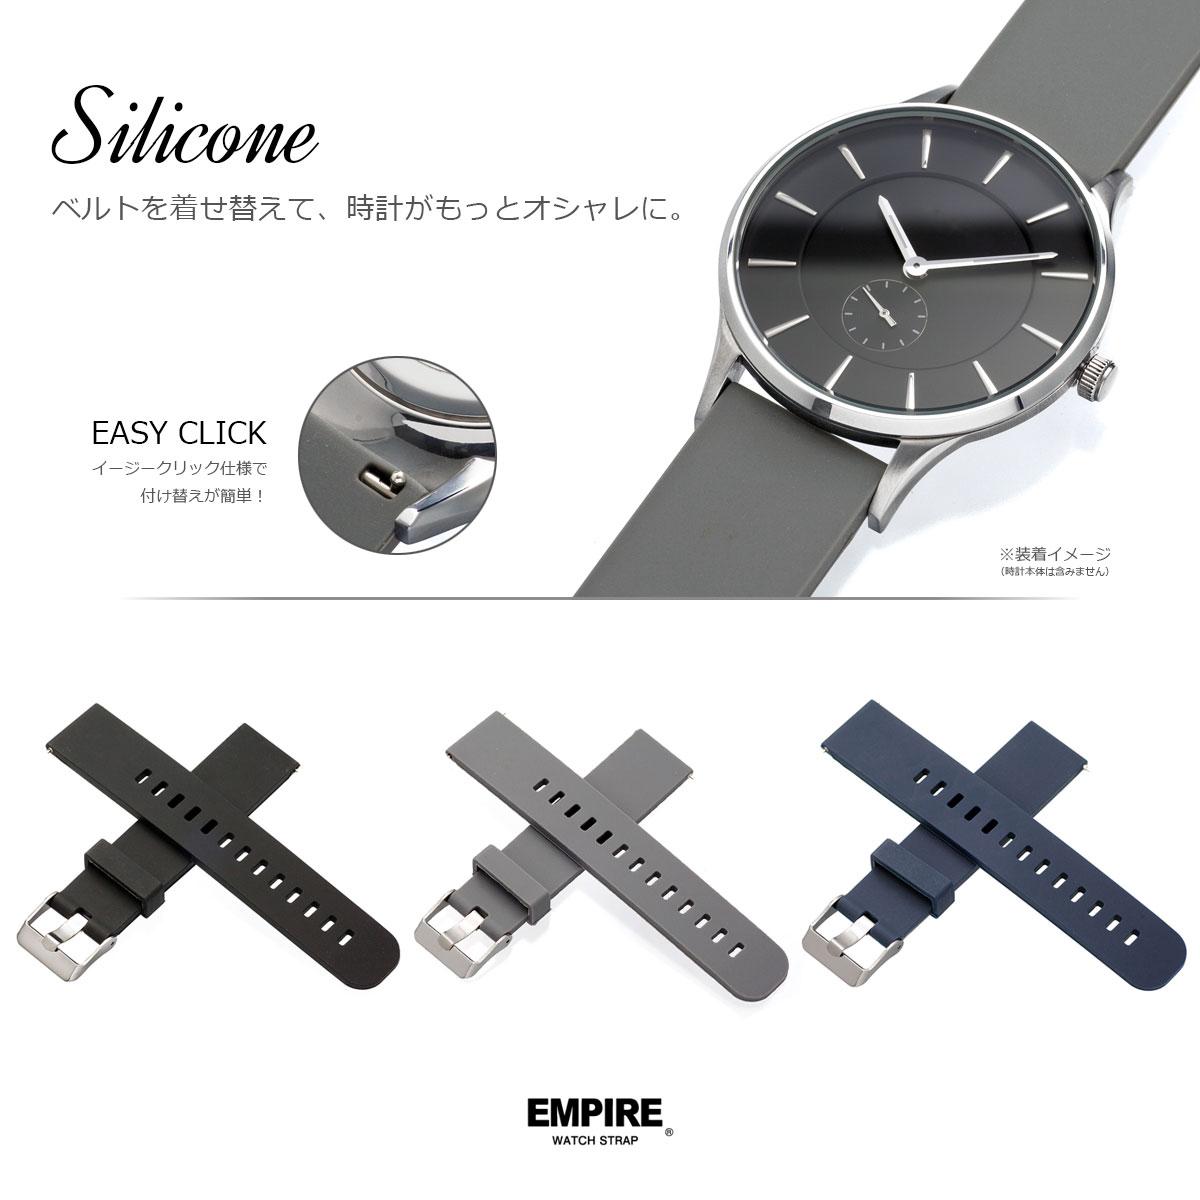 時計ベルト EMPIRE シリコン ラバー 腕時計 ベルト イージークリック バンド 時計ベルト 腕時計ベルト 時計 ベルト シリコンバンド シリコンベルト 18mm 20mm 22mm